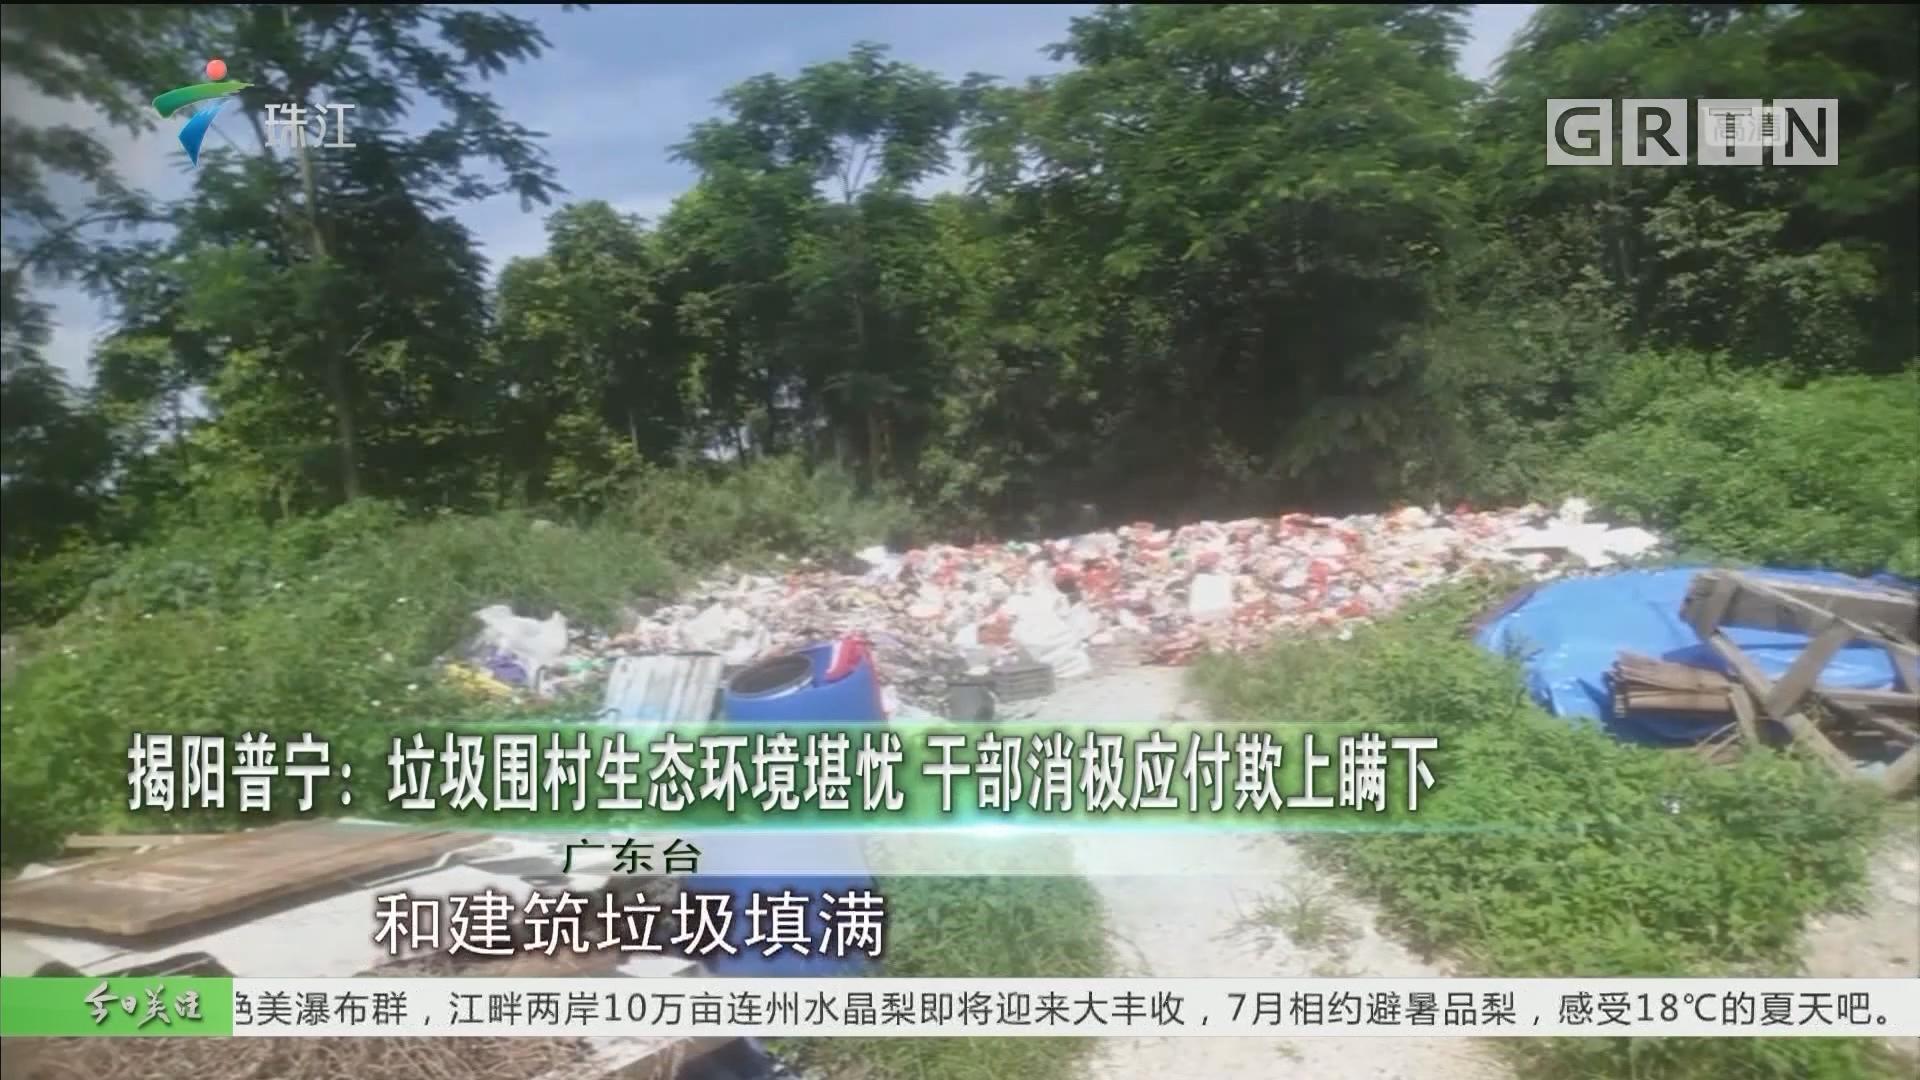 揭阳普宁:垃圾围村生态环境堪忧 干部消极应付欺上瞒下